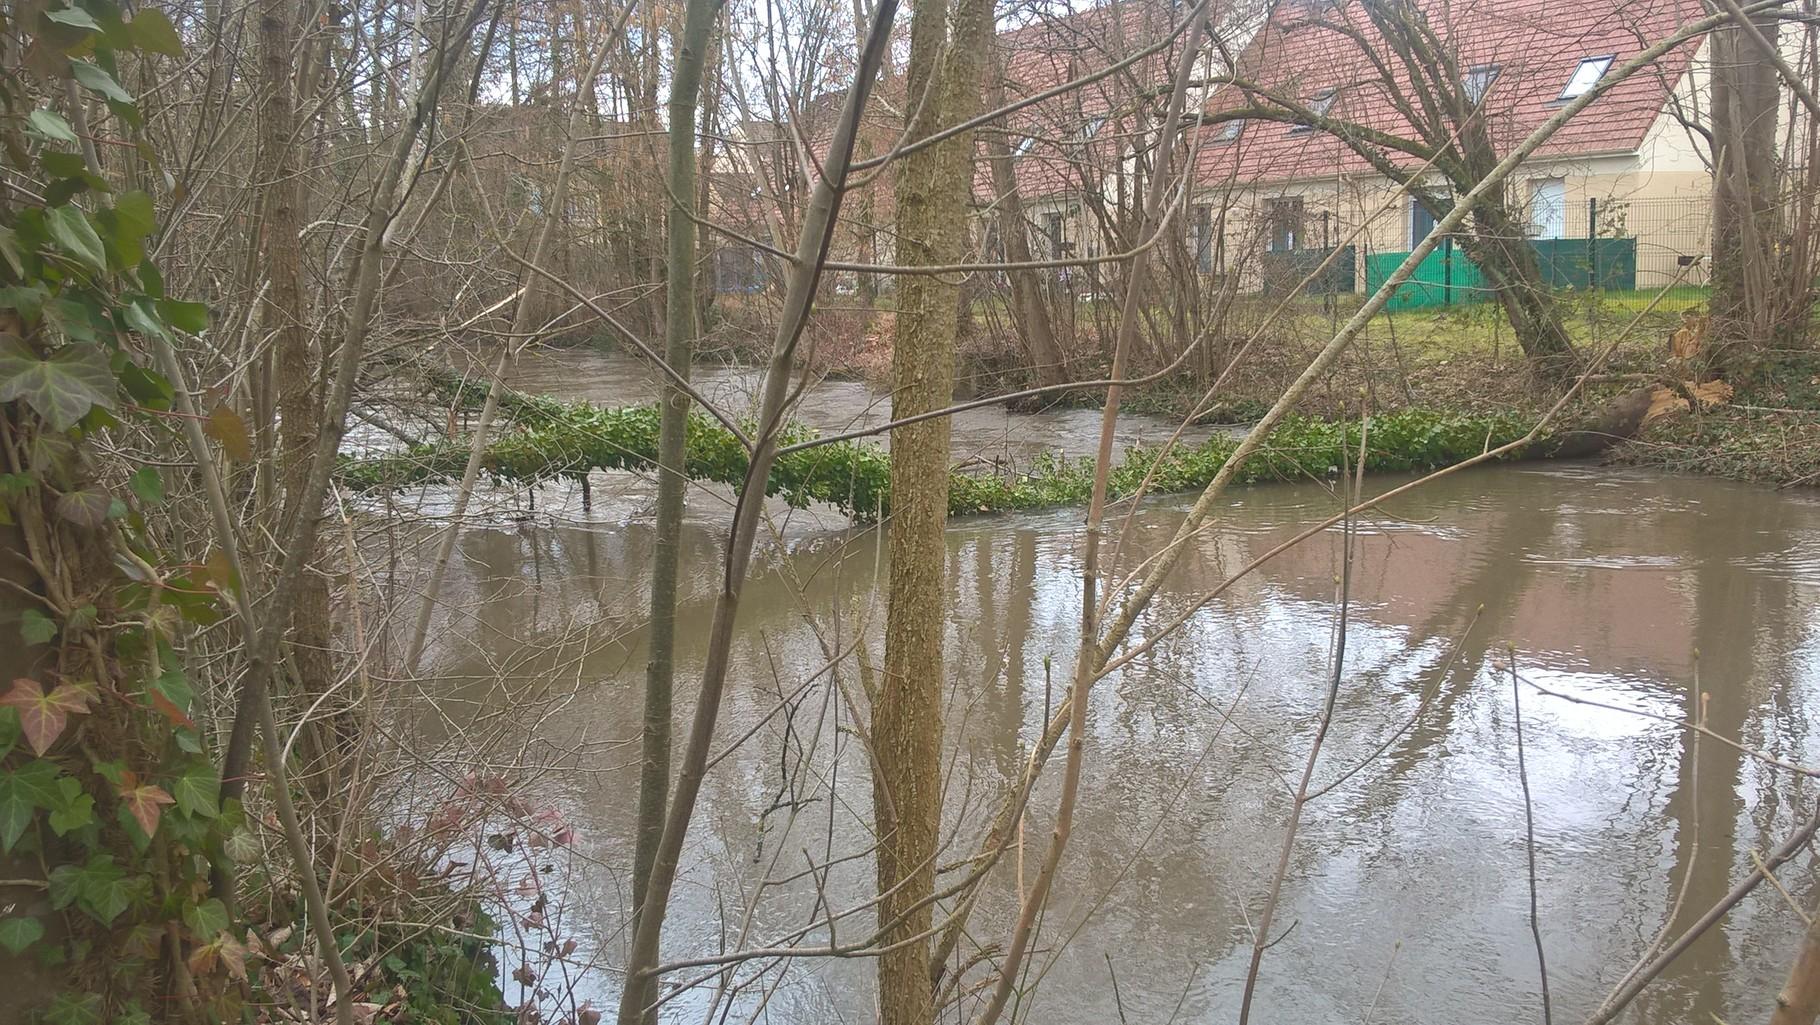 arbre en travers du cours d'eau -Mello